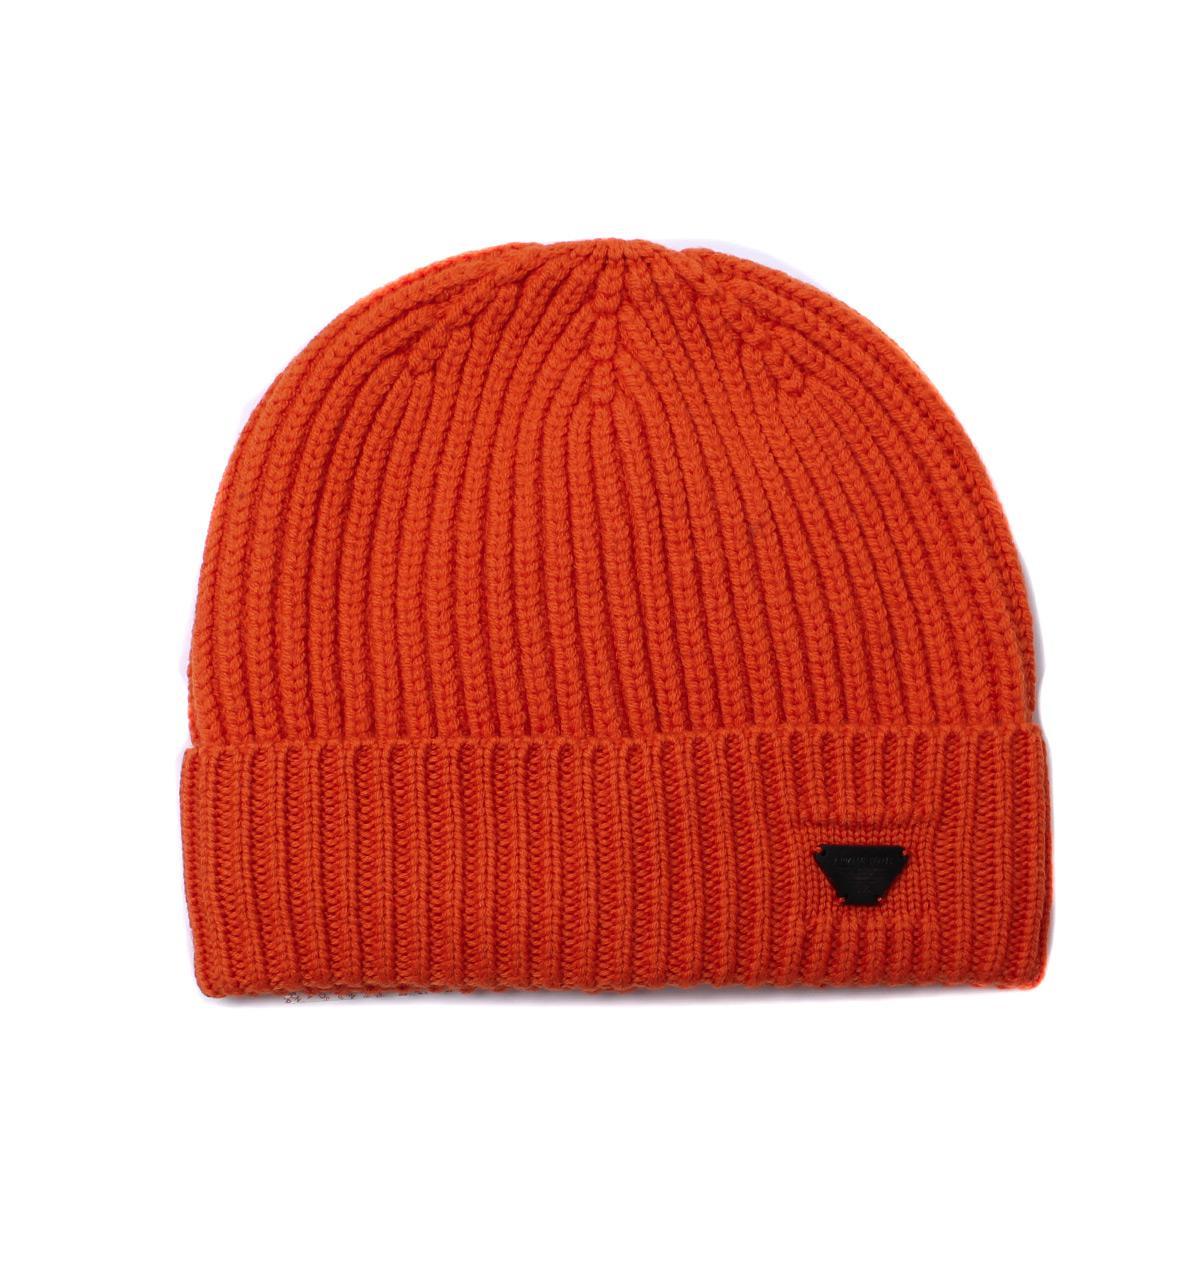 ec939d6edc590d Lyst - Armani Jeans Orange Woollen Rib Knit Beanie Hat in Orange for ...